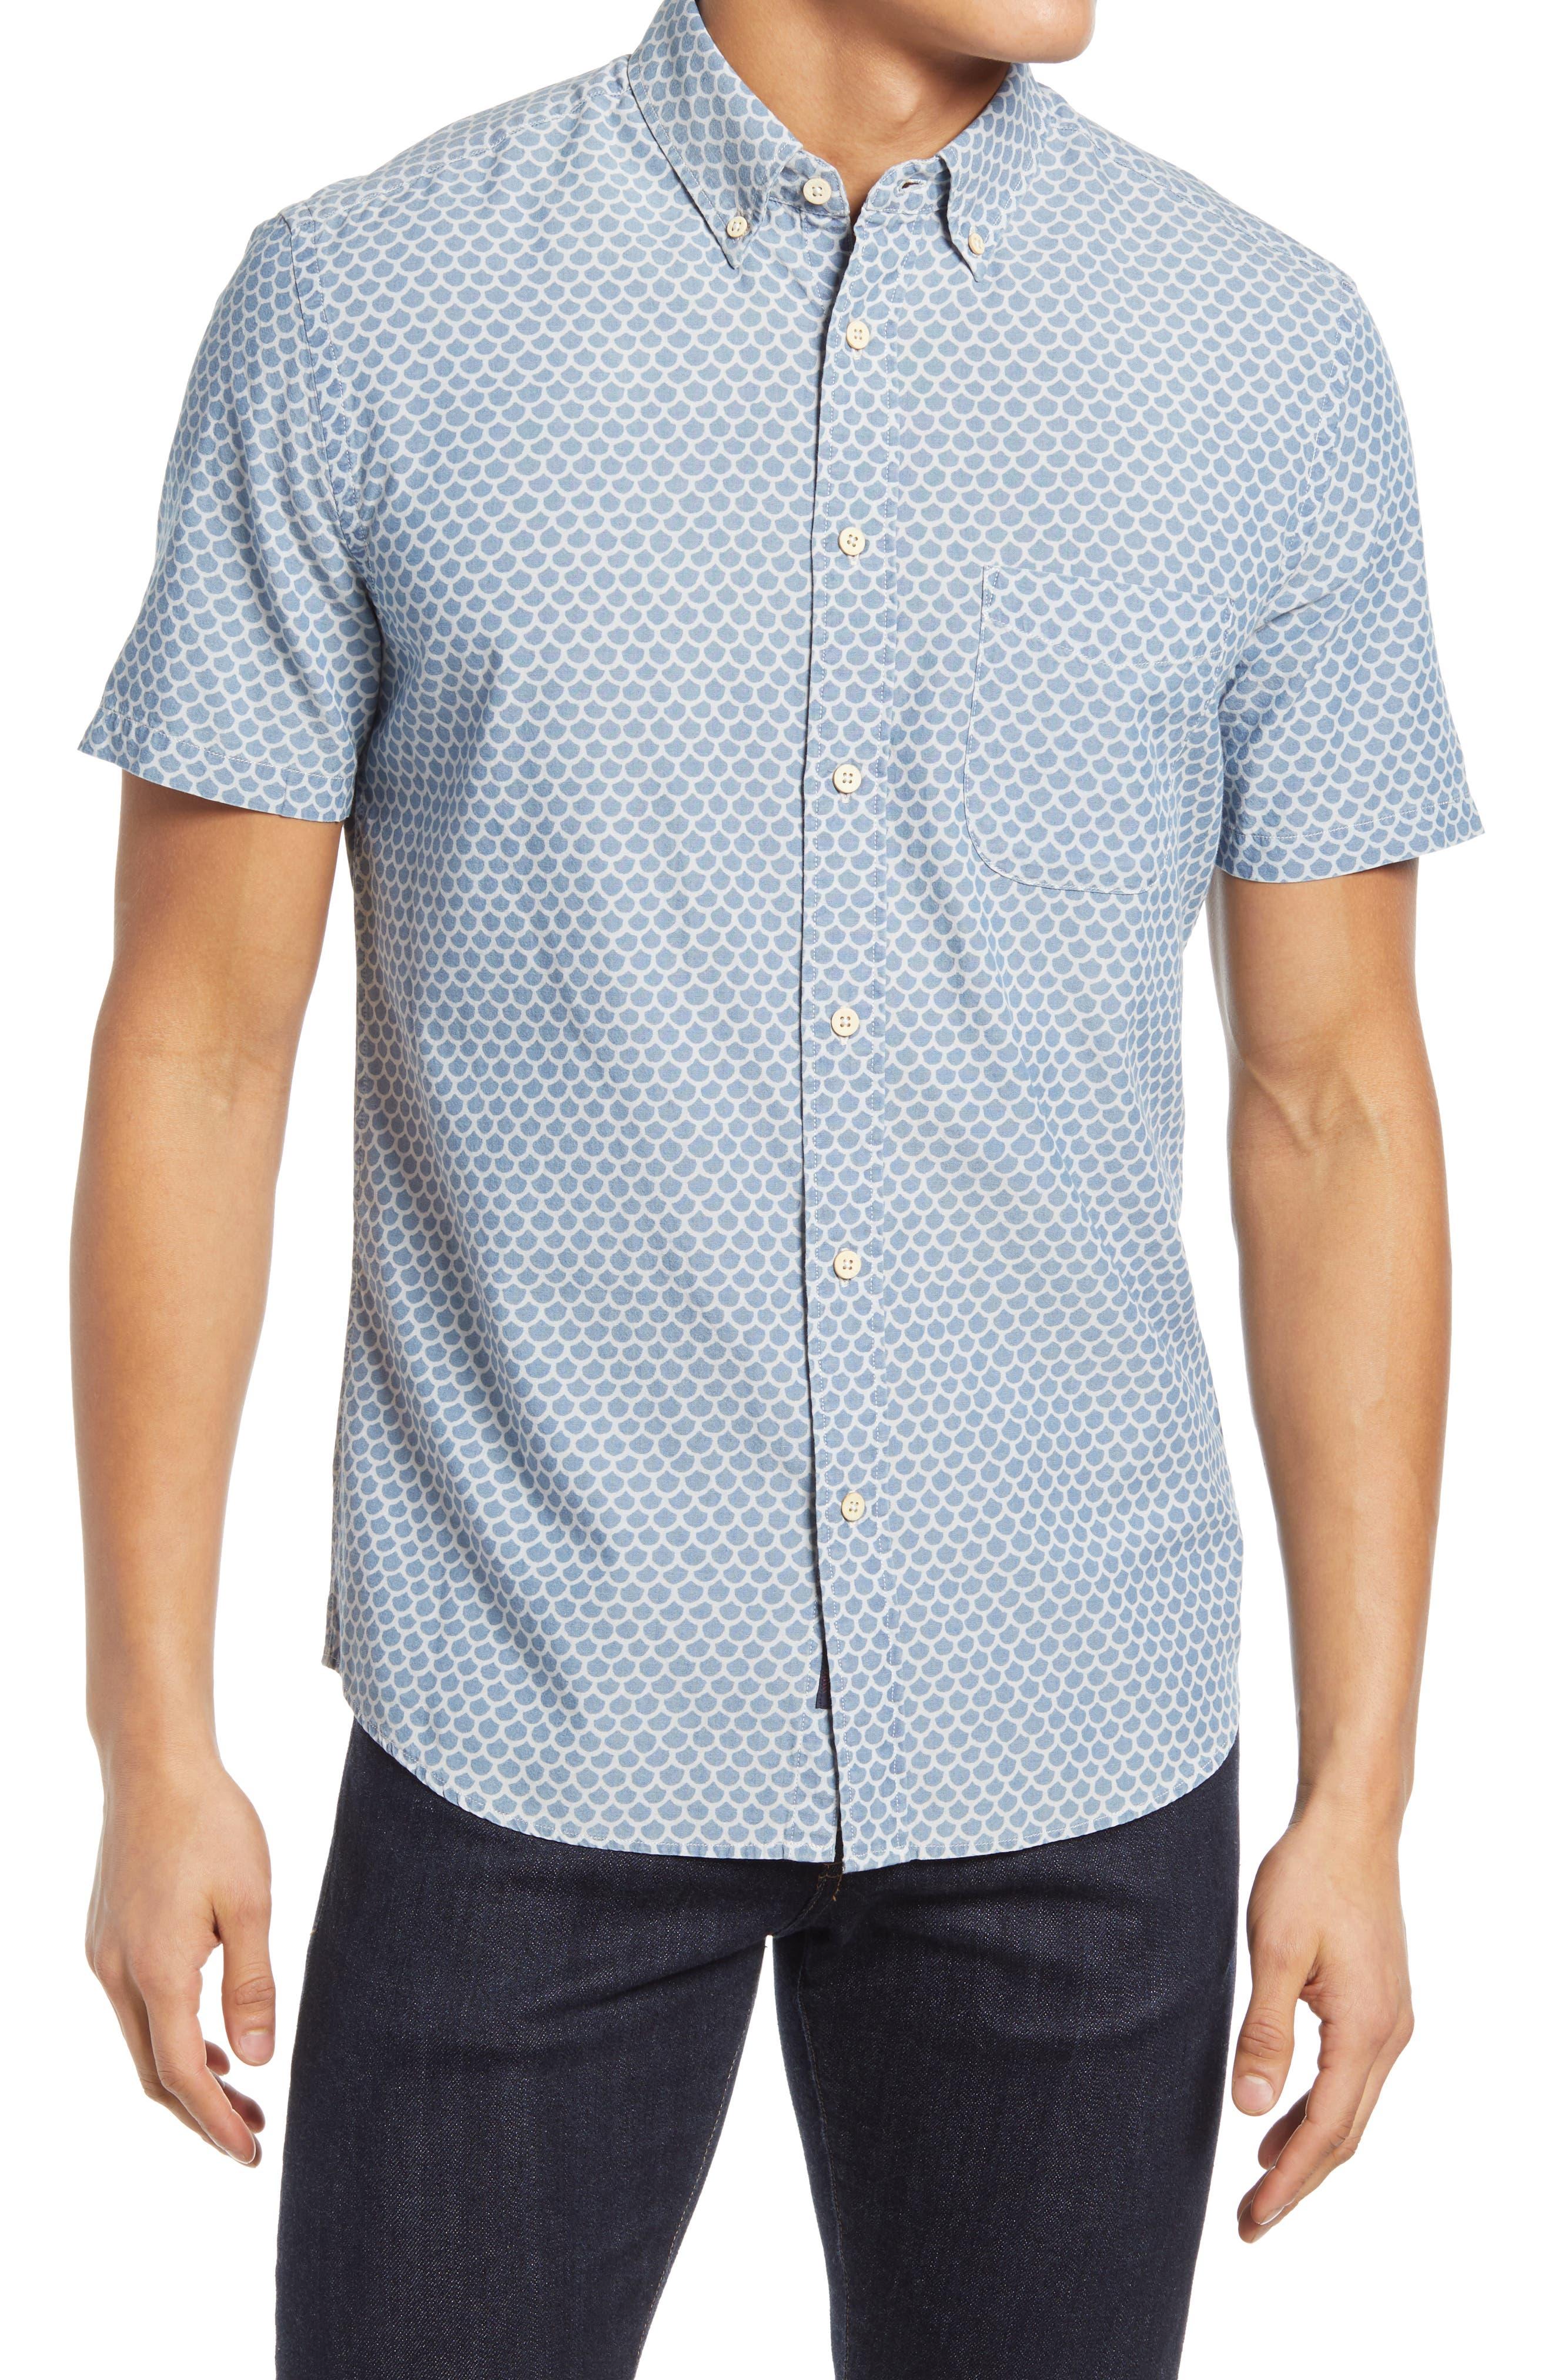 Playa Regular Fit Print Short Sleeve Button-Down Shirt